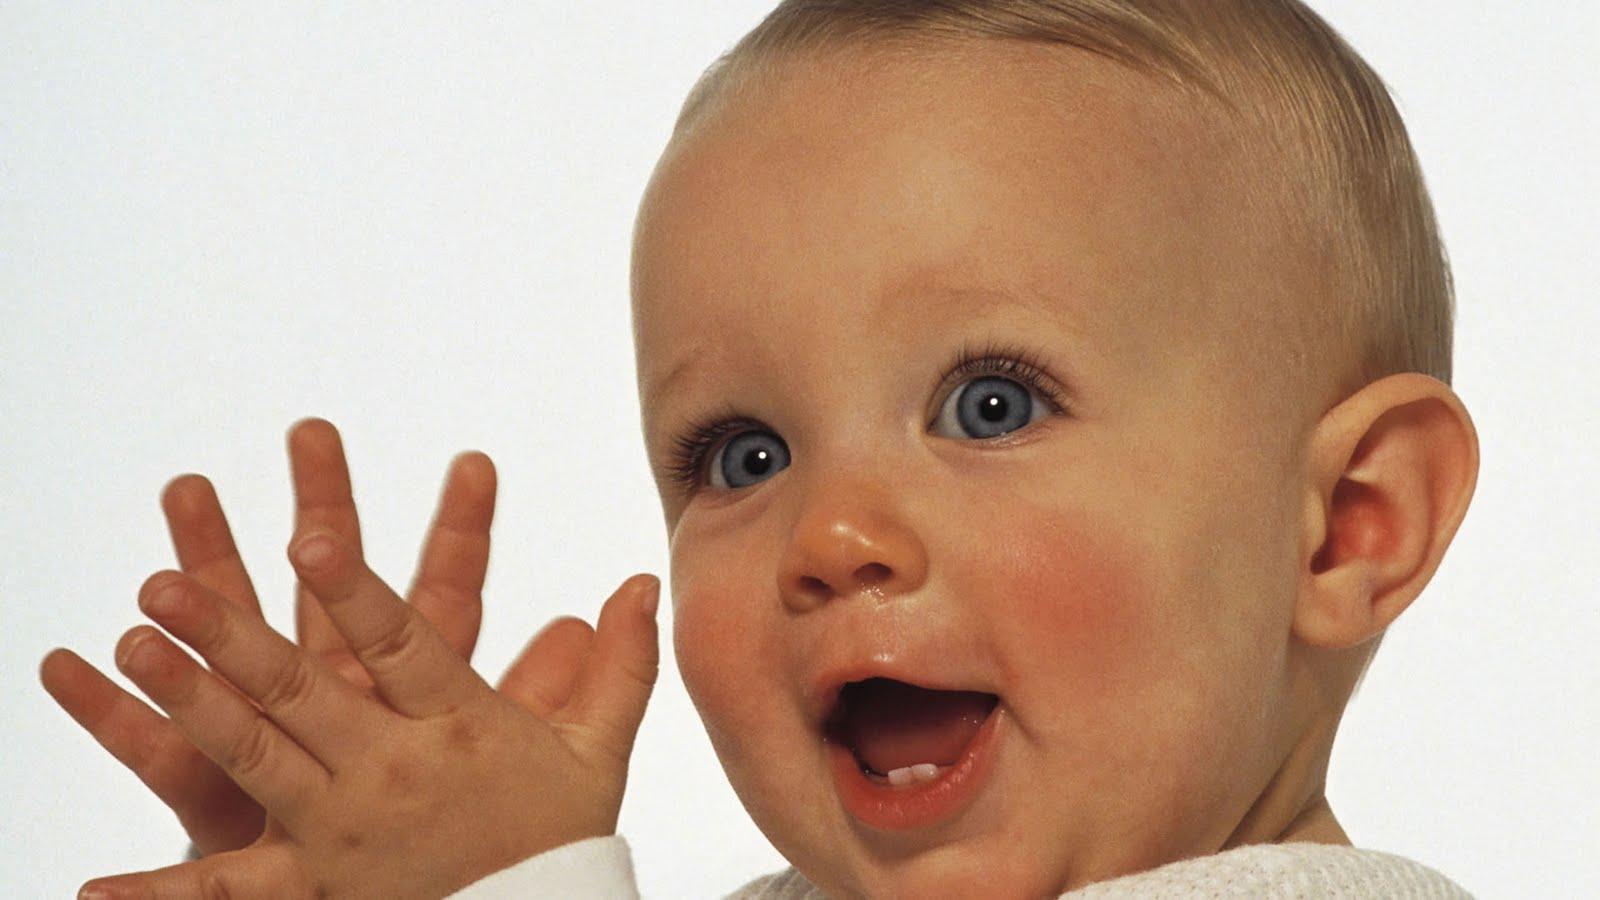 Free Funny Babies 122 Desktop Background